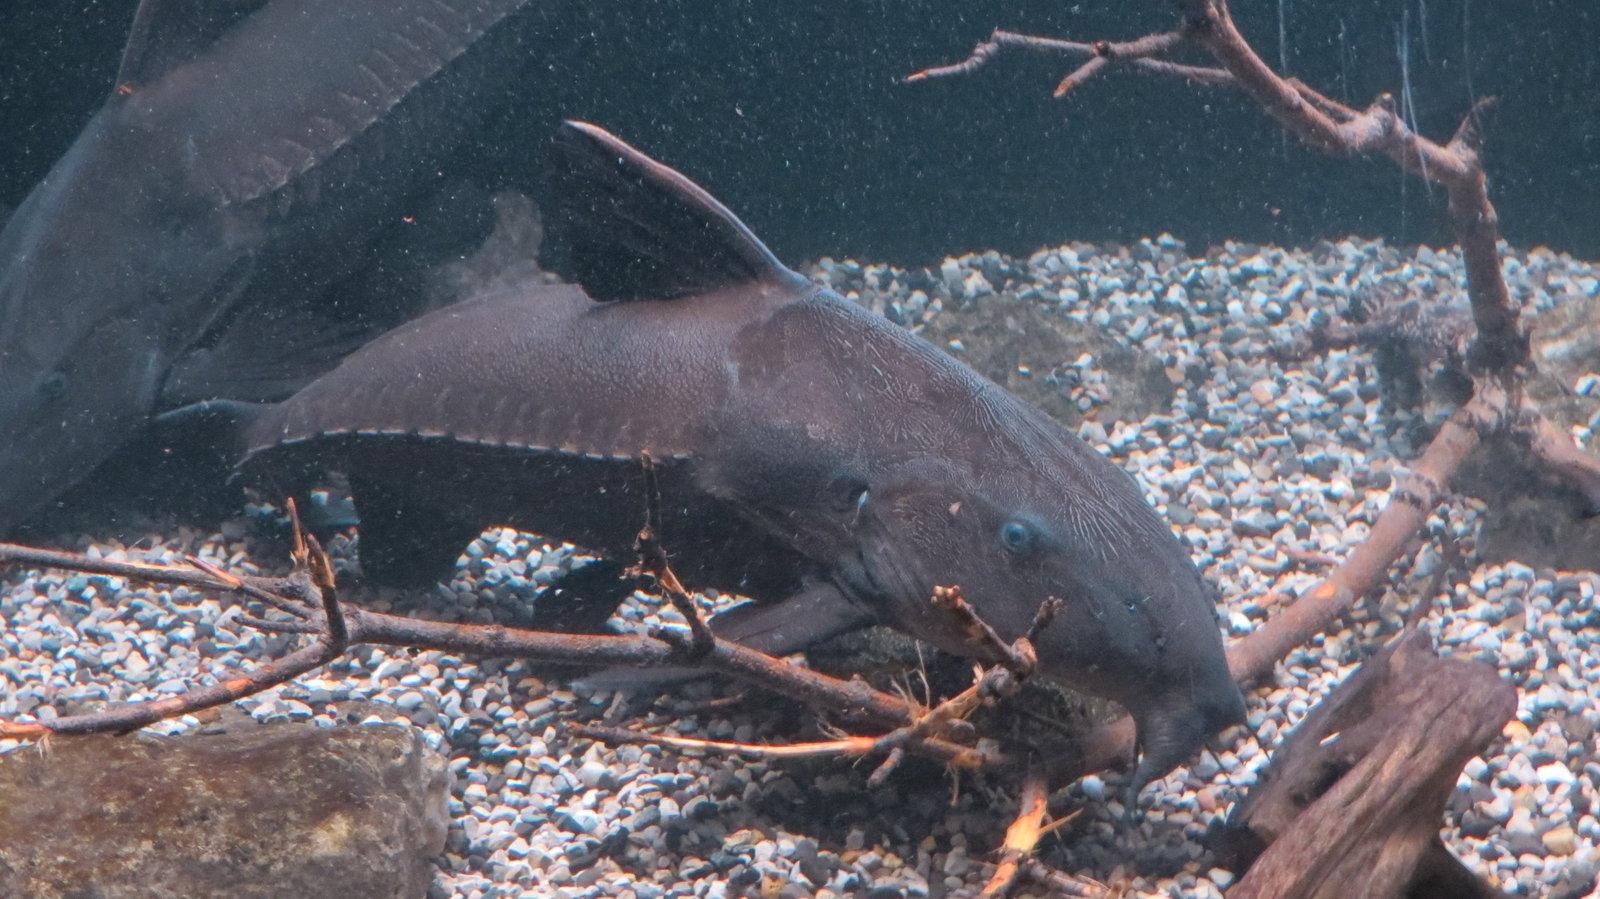 Thorny catfish in the aquarium wallpaper